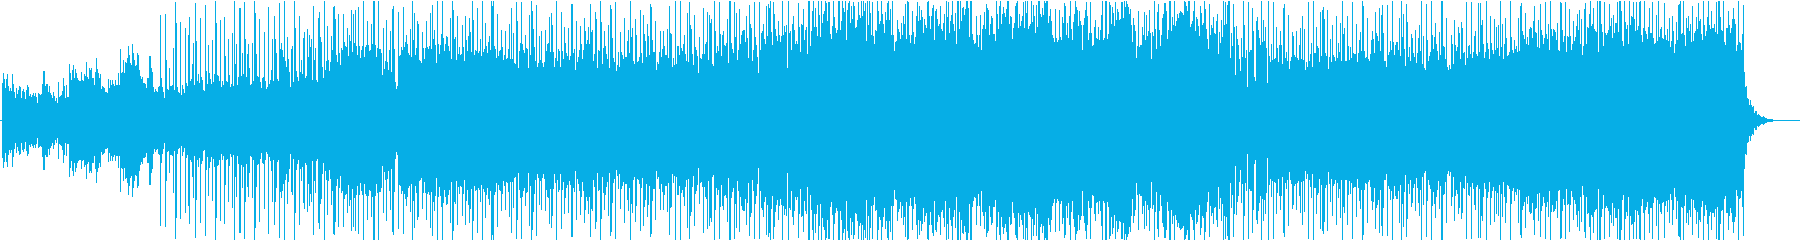 薄暗い場所をイメージしたBGMの再生済みの波形